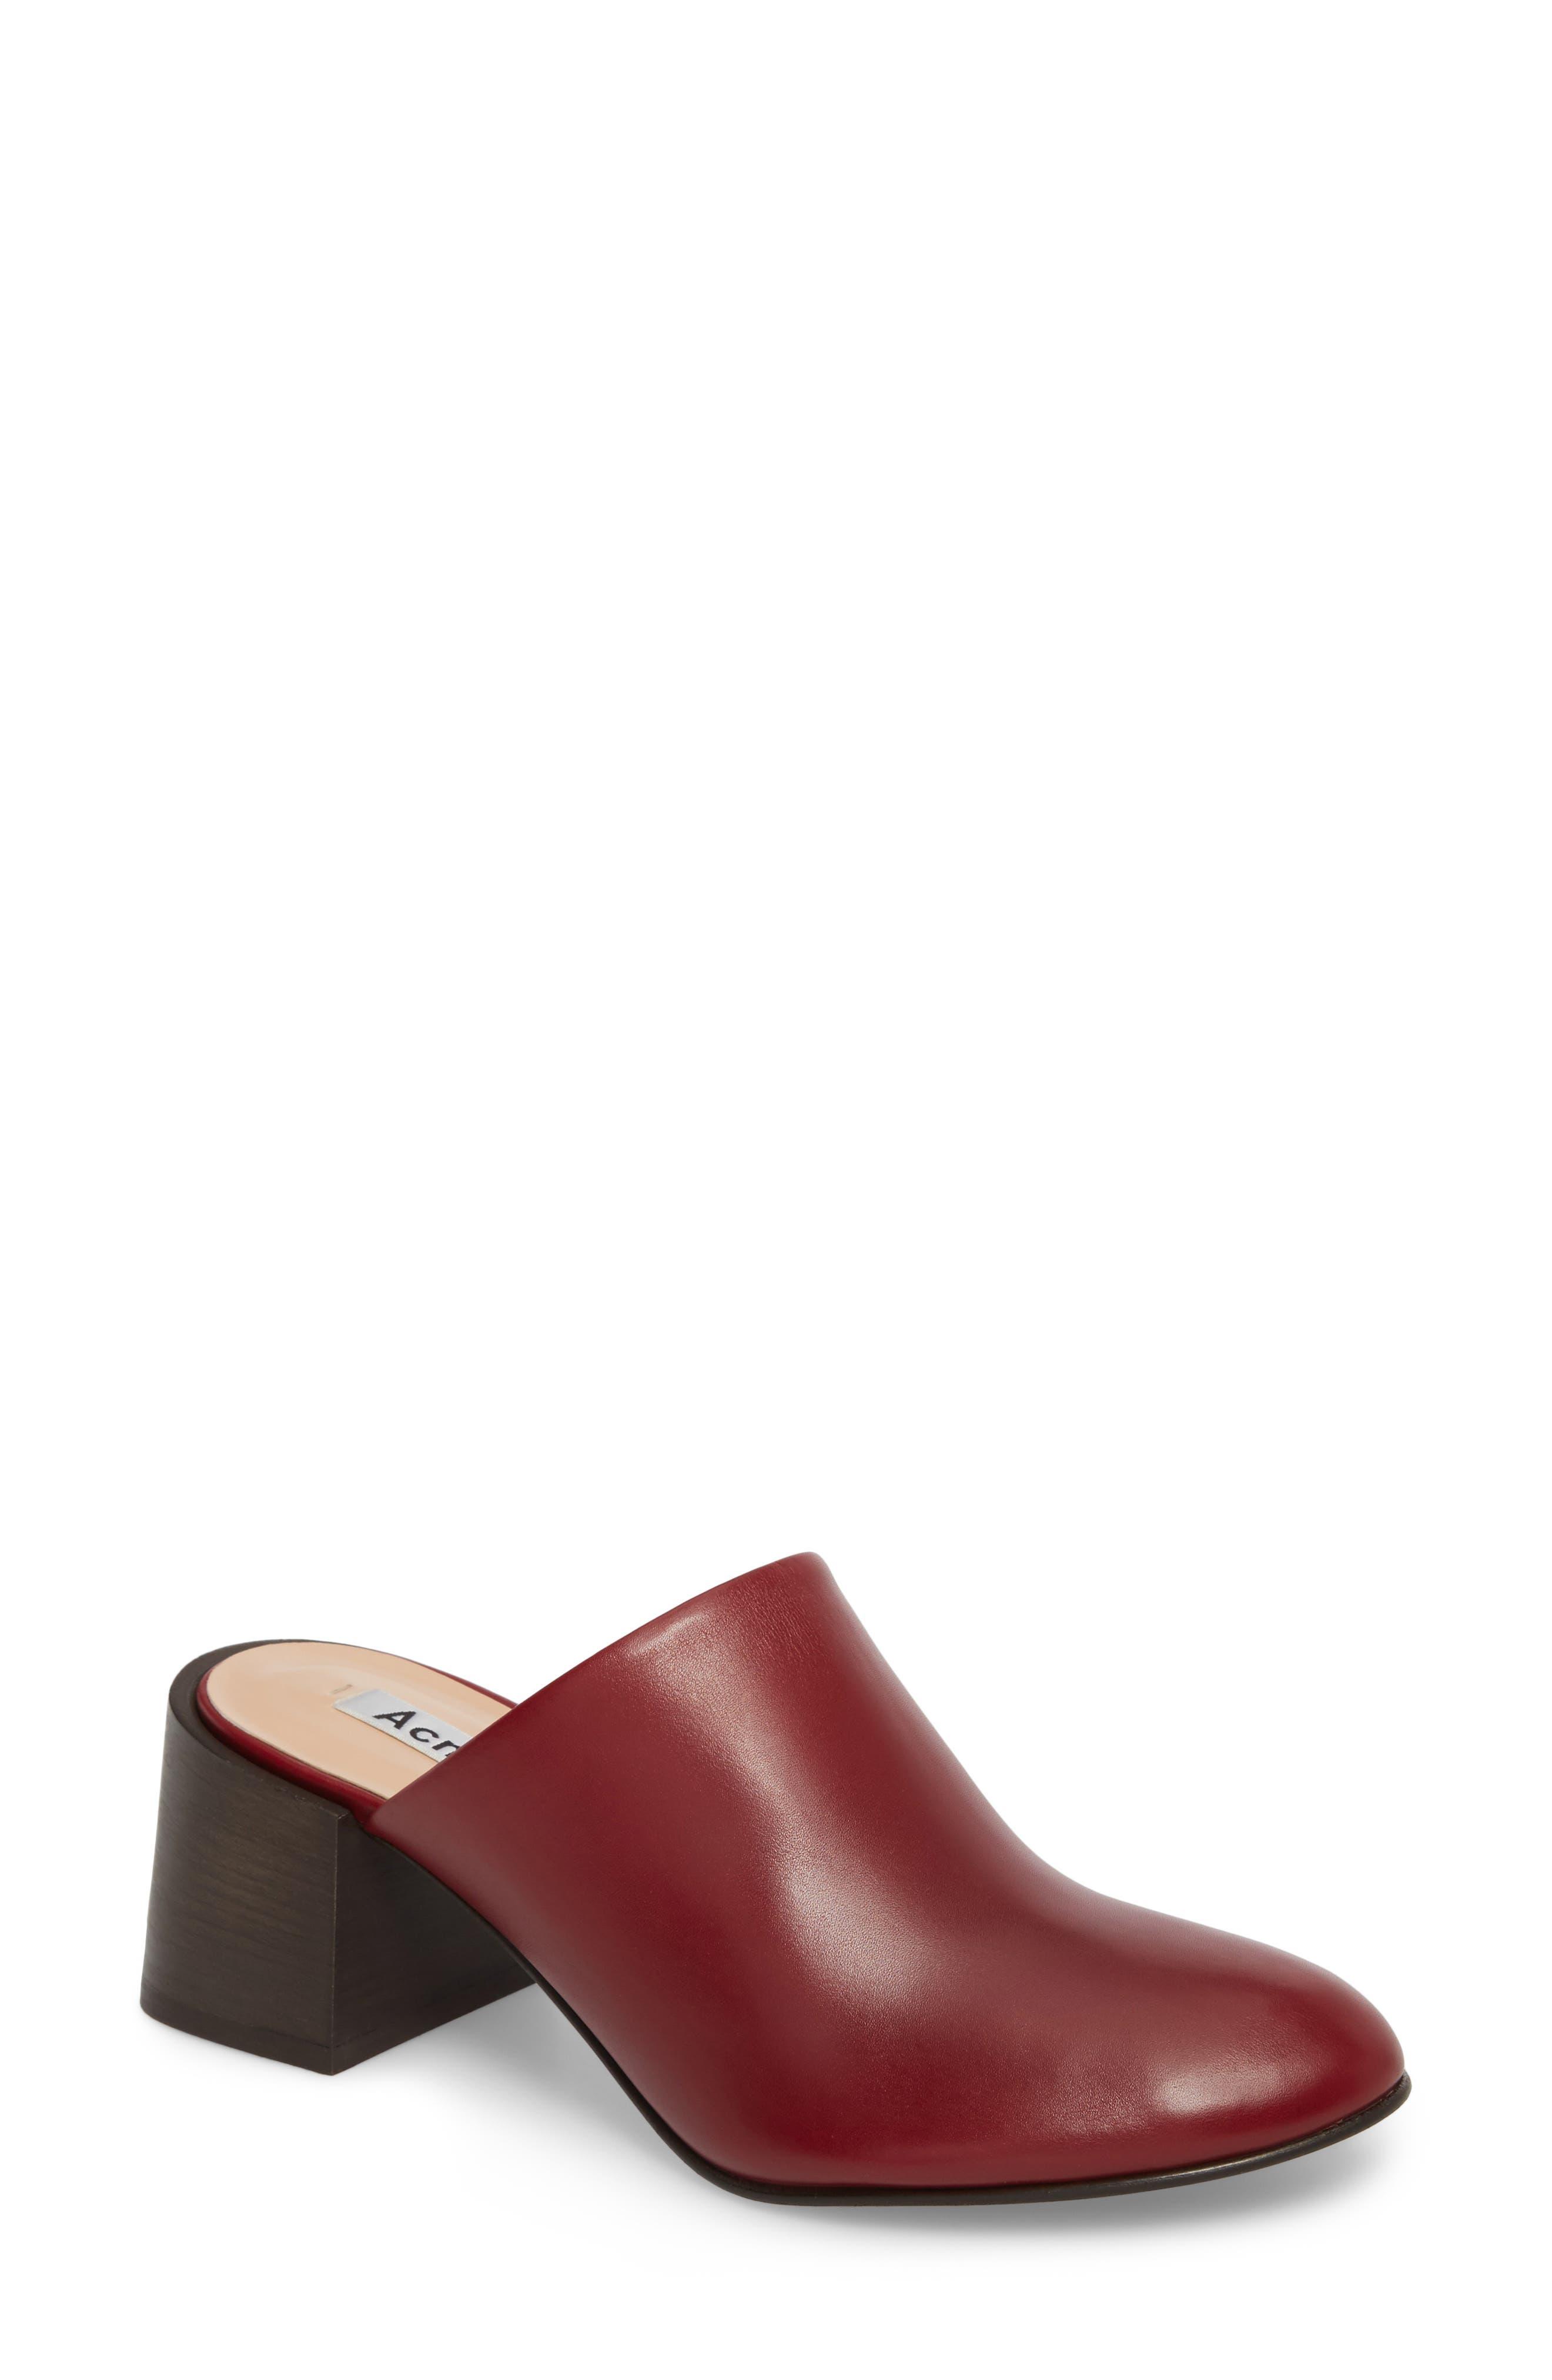 Sil Block Heel Mule,                             Main thumbnail 1, color,                             Red Wine